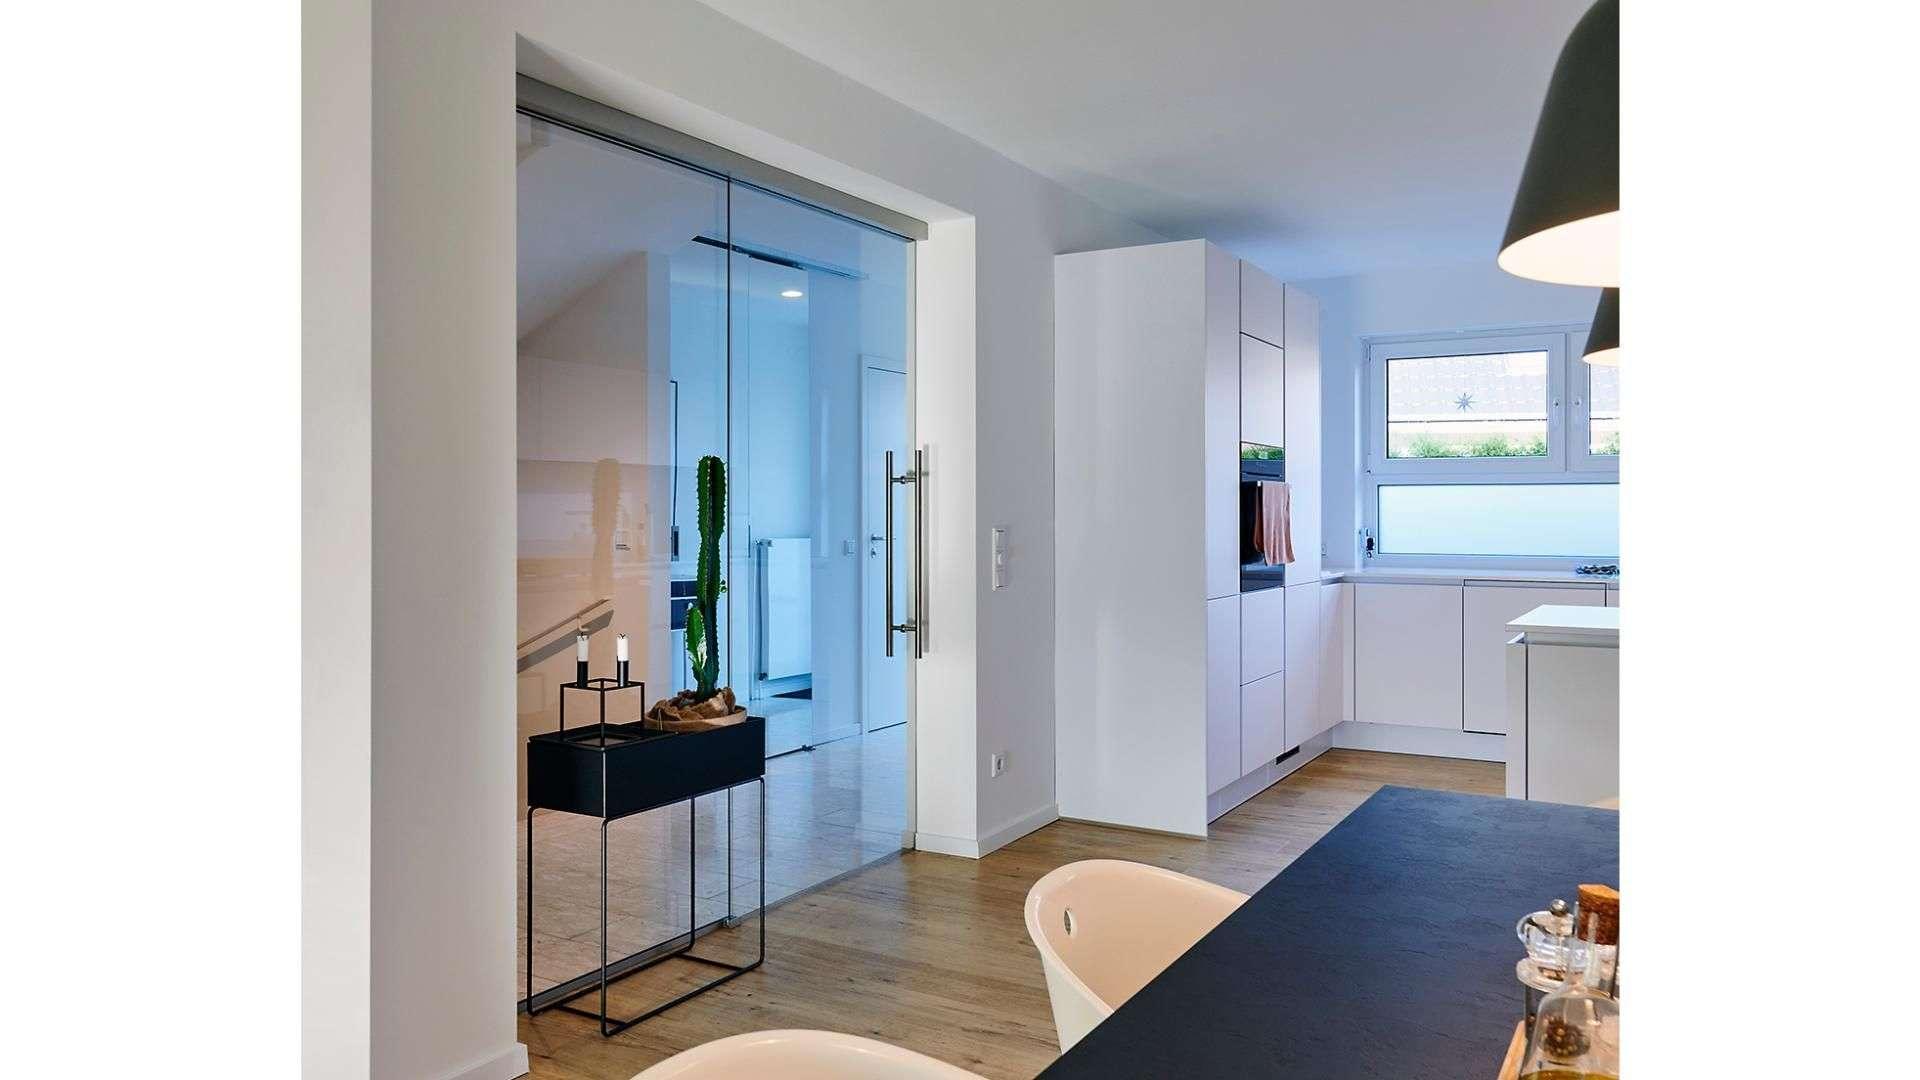 doppelflüglige Glastür in einer Küche